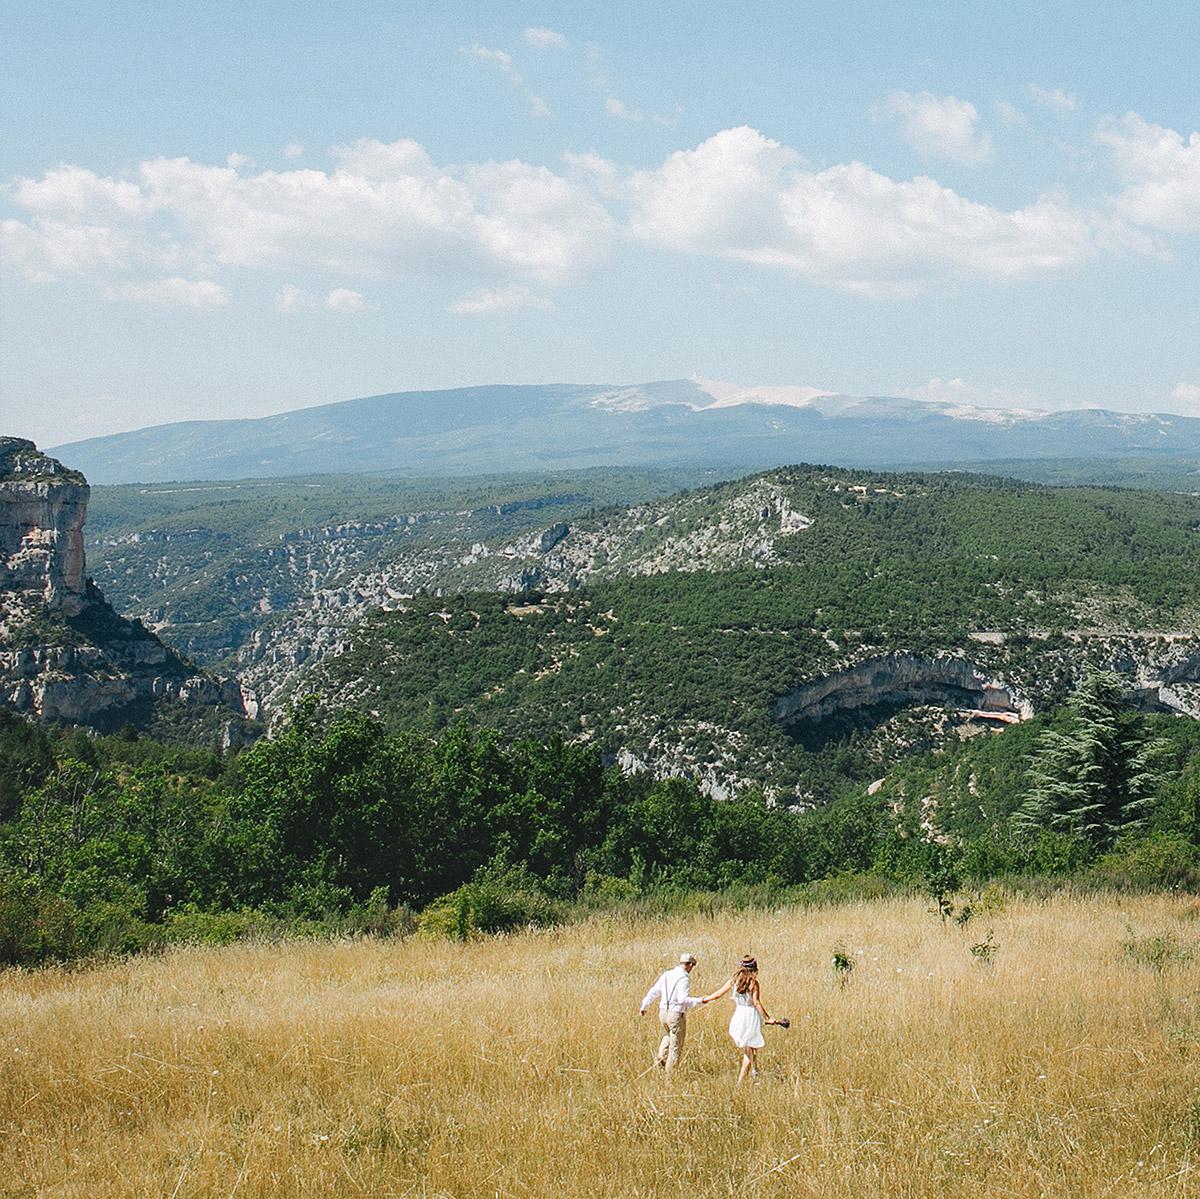 Paarfoto bei Paar-Fotoshooting auf Wiese mit Blick auf Berge in der Provence © Fotostudio Berlin LUMENTIS